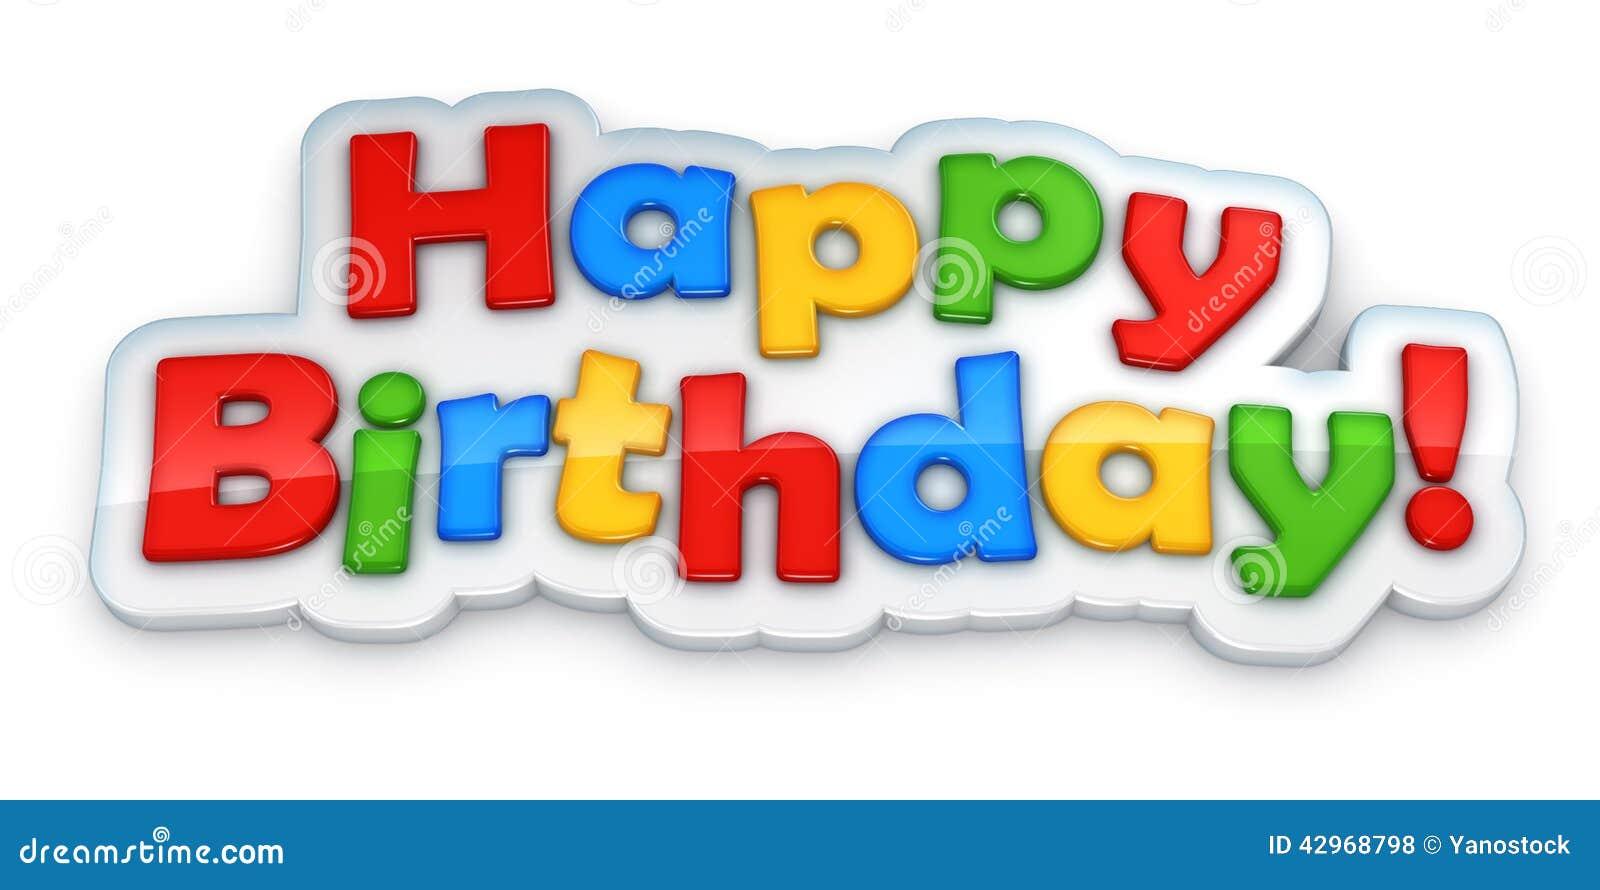 Happy Birthday Cake Toy